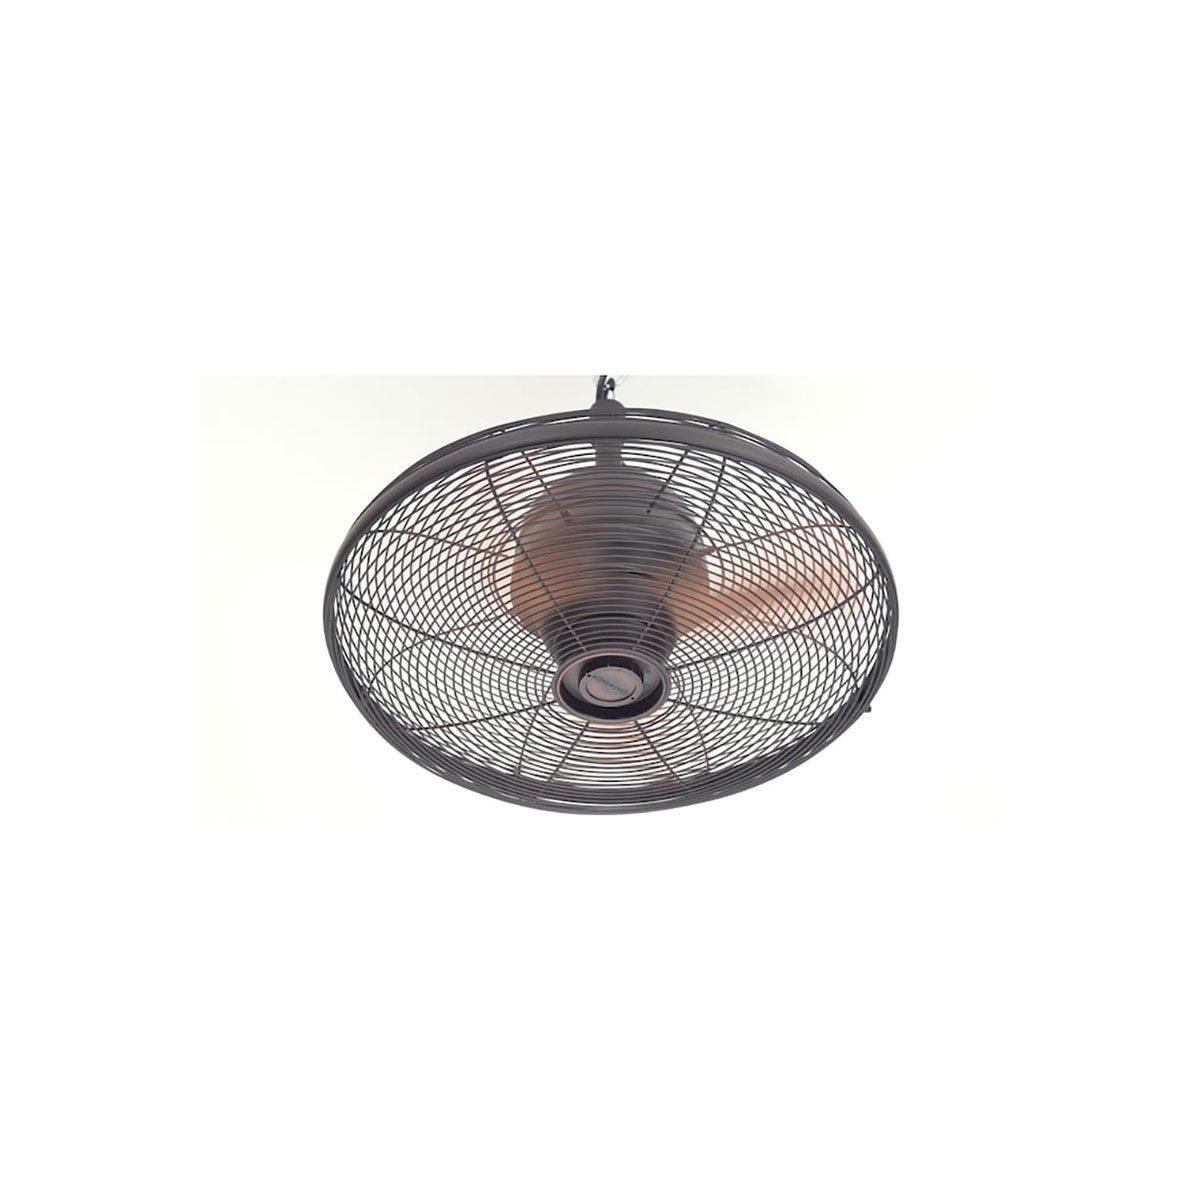 Patio fan